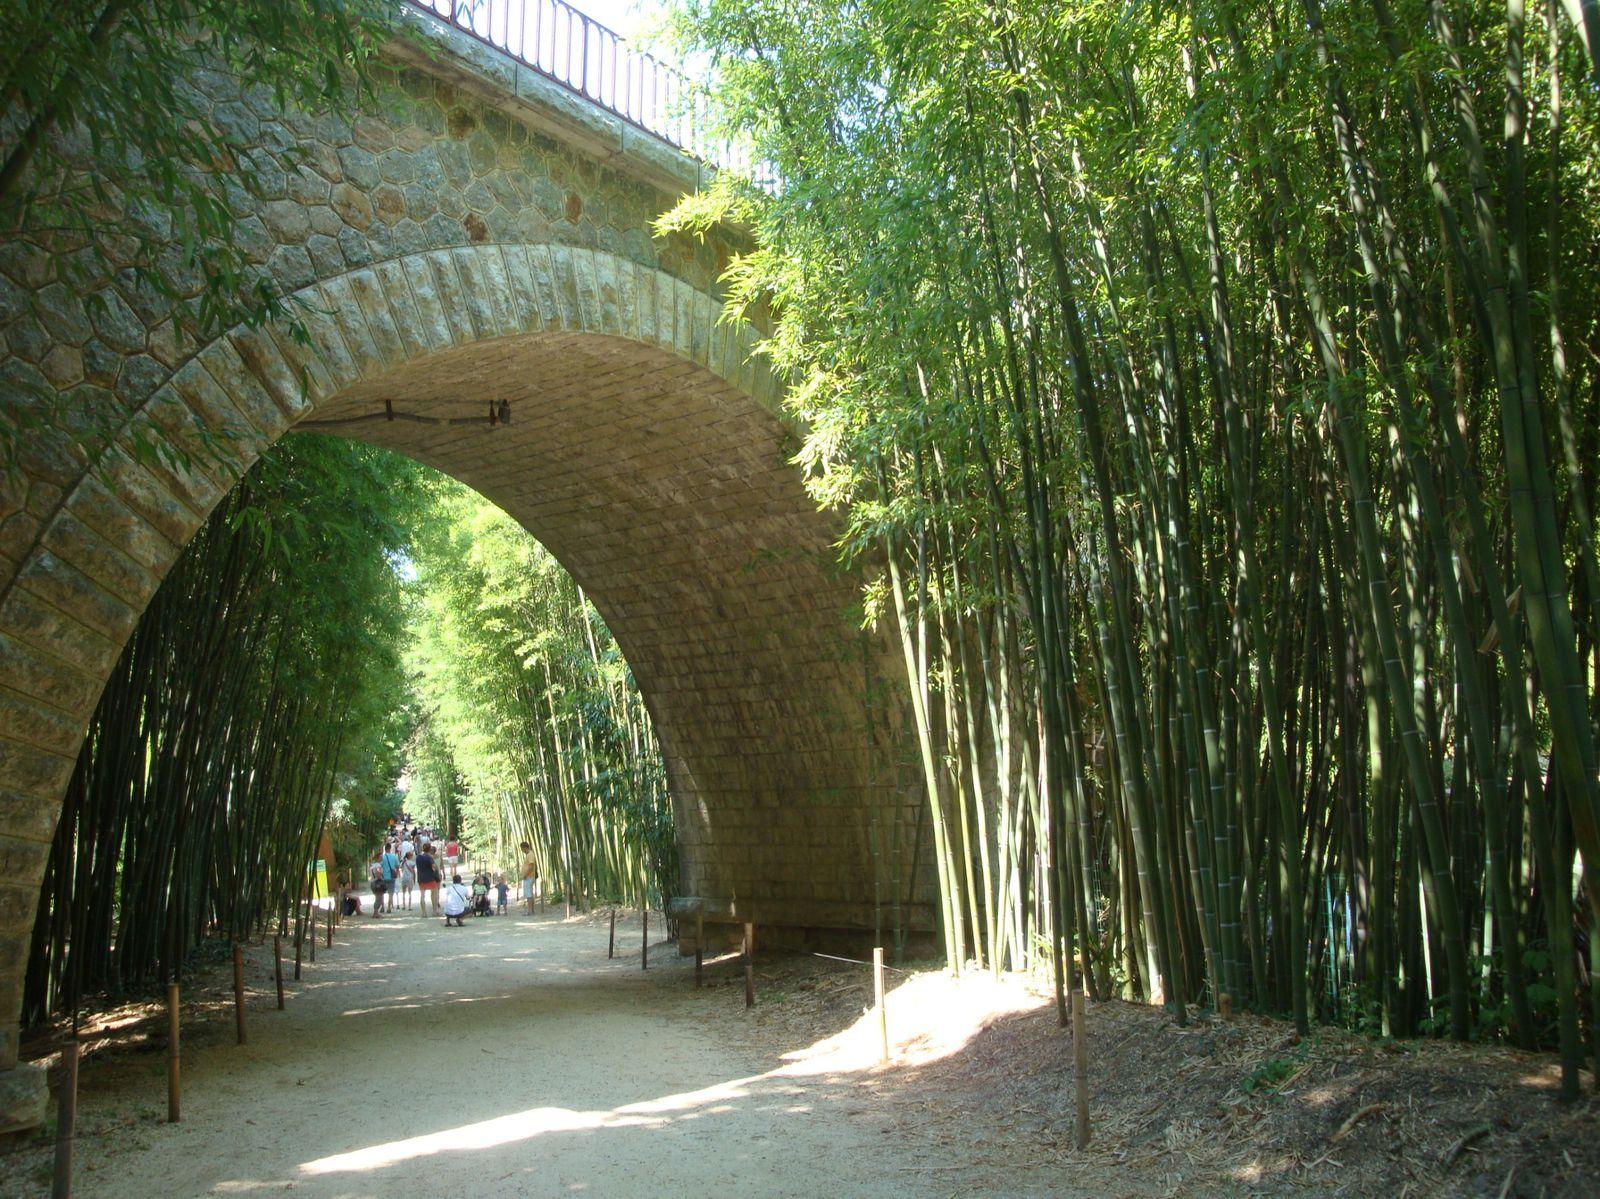 Le train des cevennes et la bambouseraie